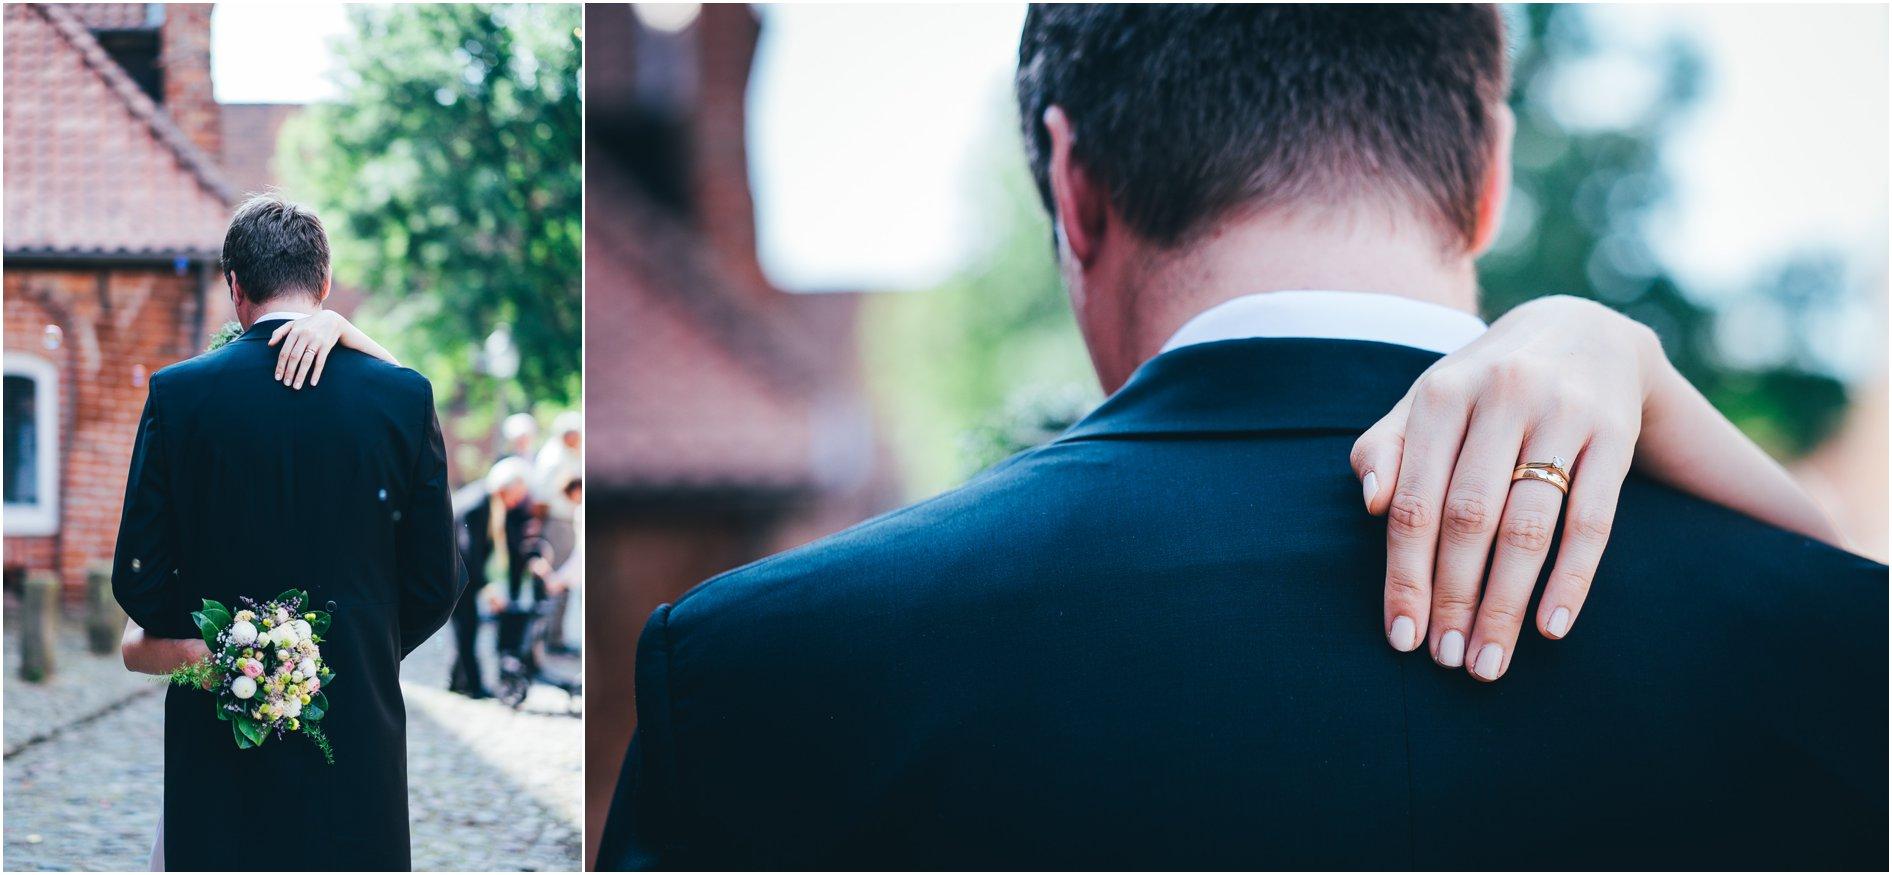 2014-10-13_0088 Jenny & Matthias - Hochzeitsfotograf auf Gut Bardenhagen